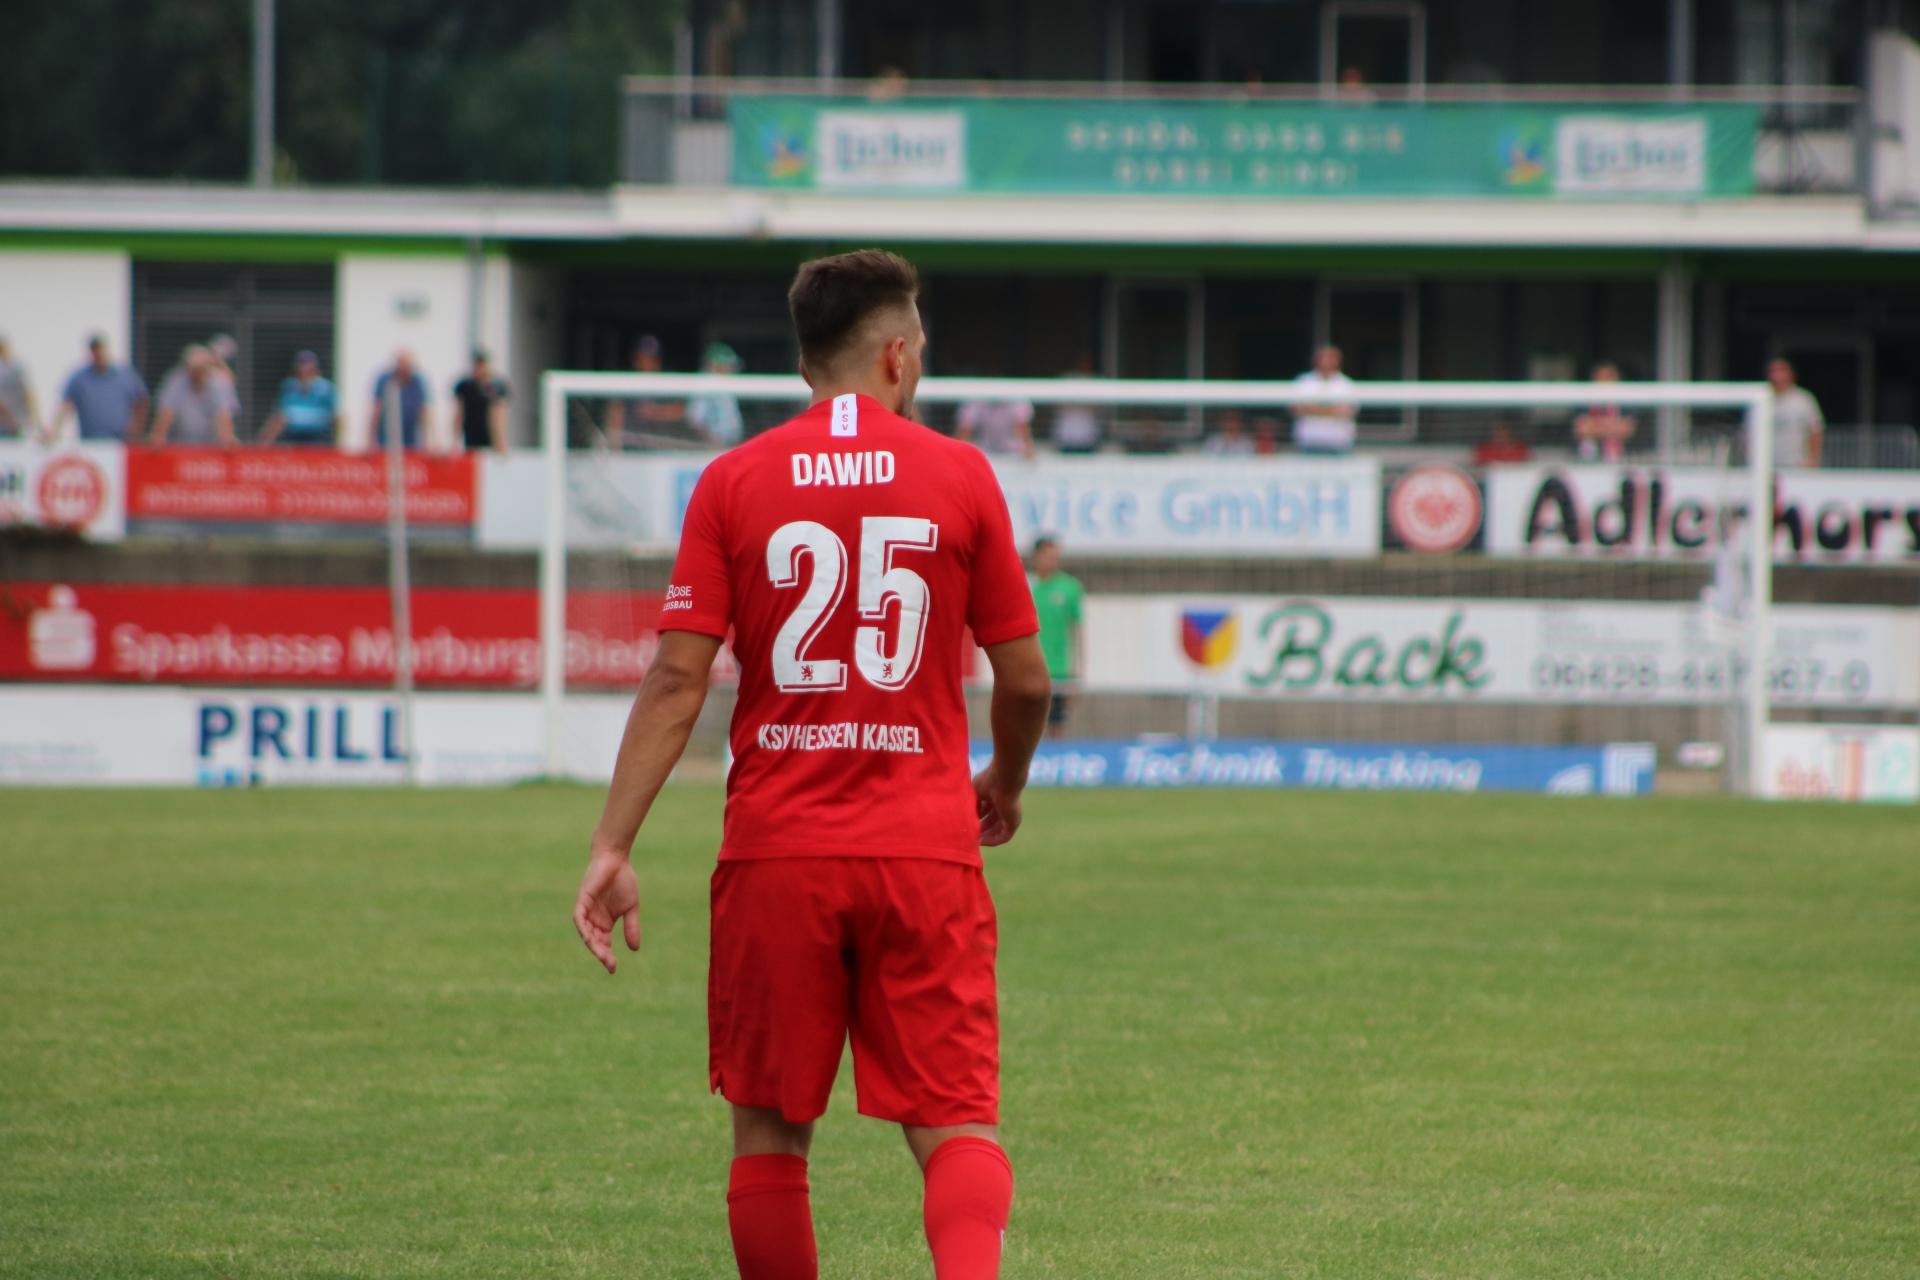 Marco Dawid